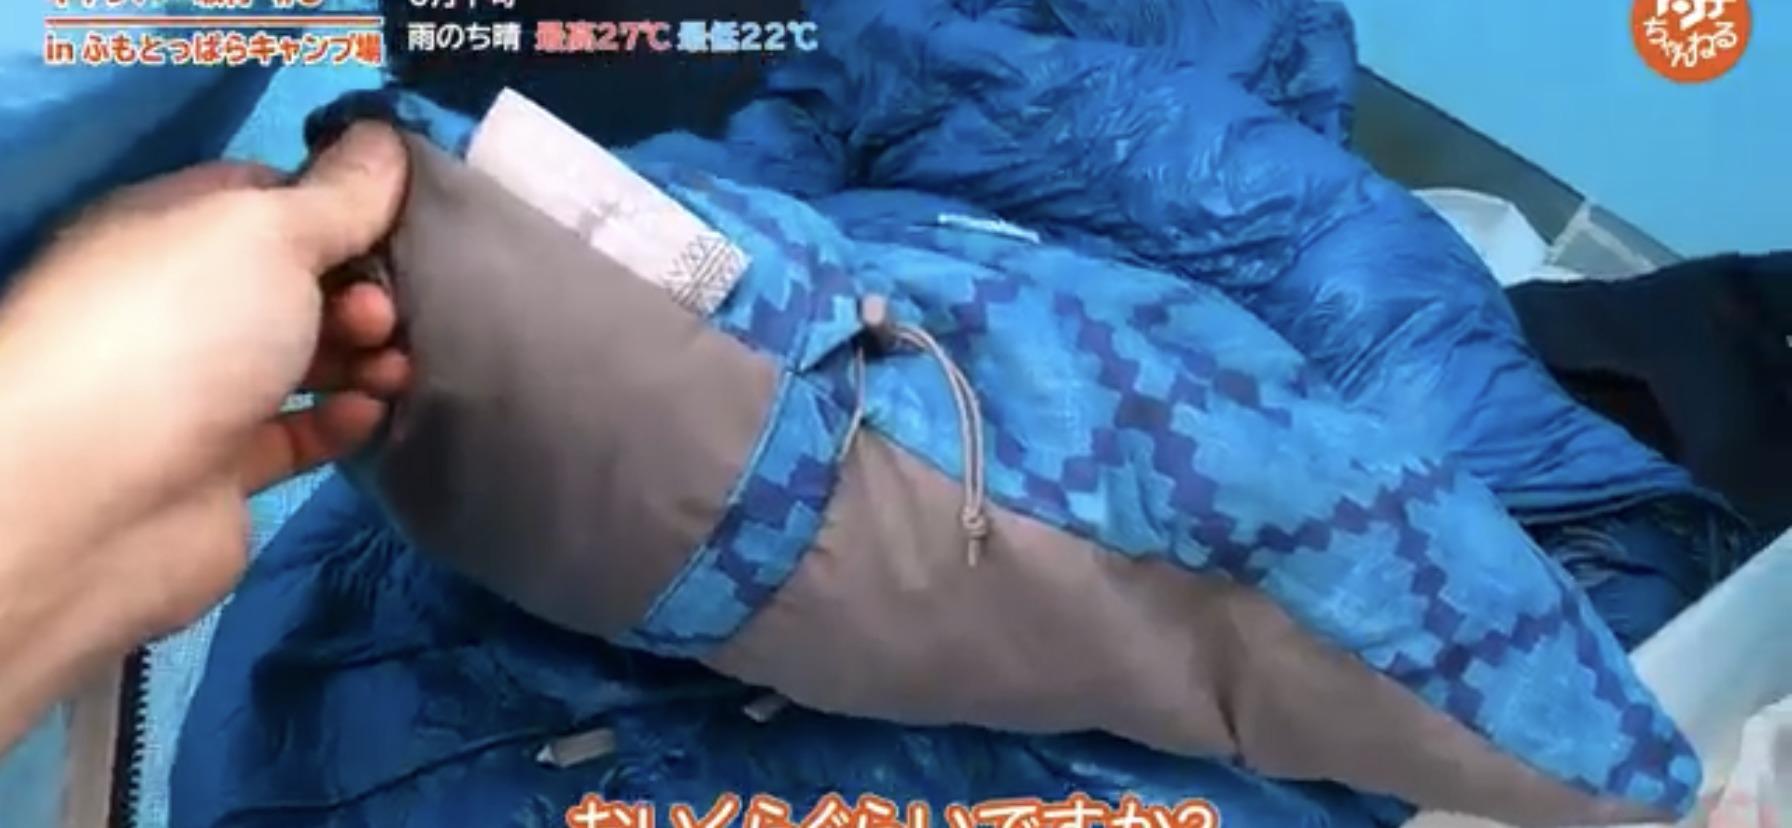 枕:【THERMAREST(サーマレスト)】コンプレッシブルピロー